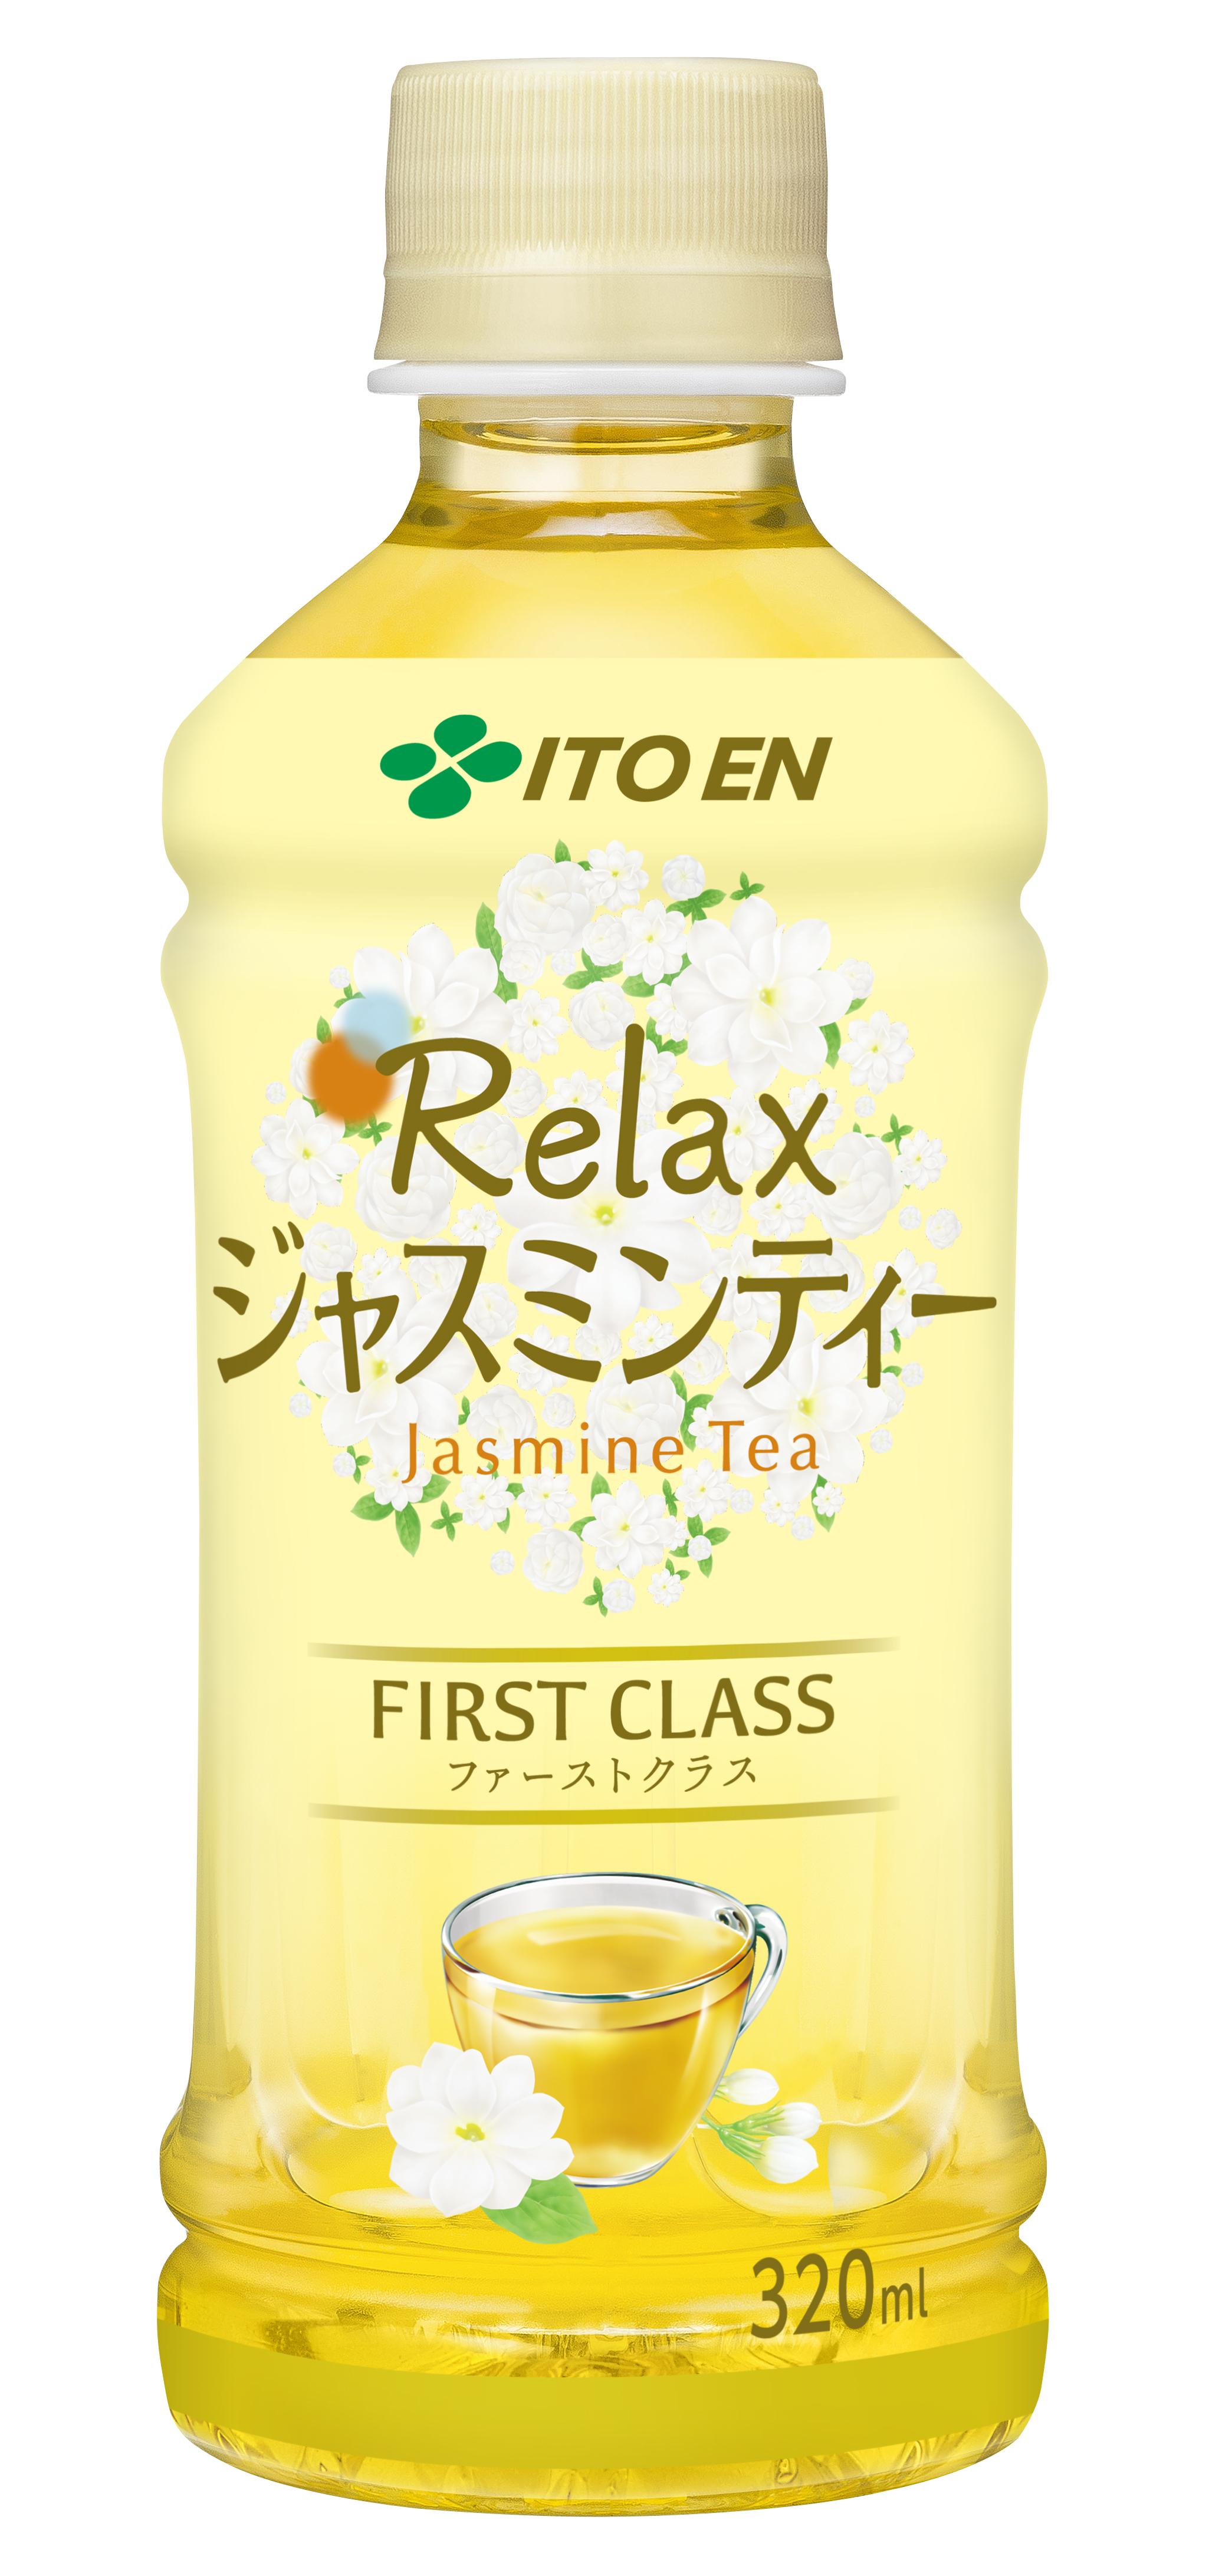 イン ジャスミン 茶 カフェ